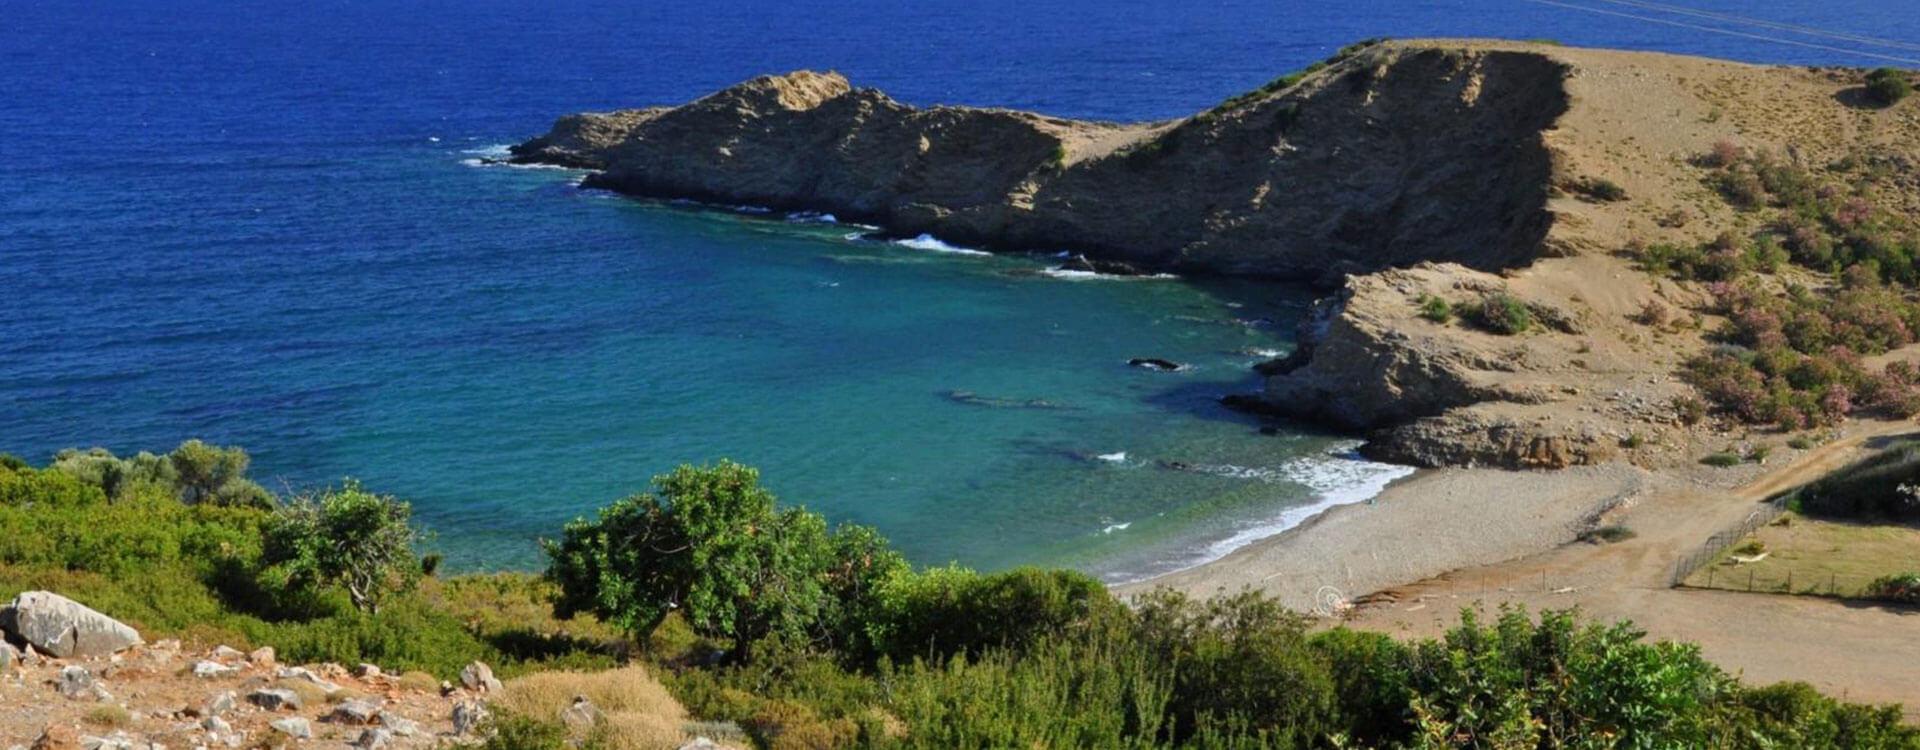 Kalo Horafi Beach